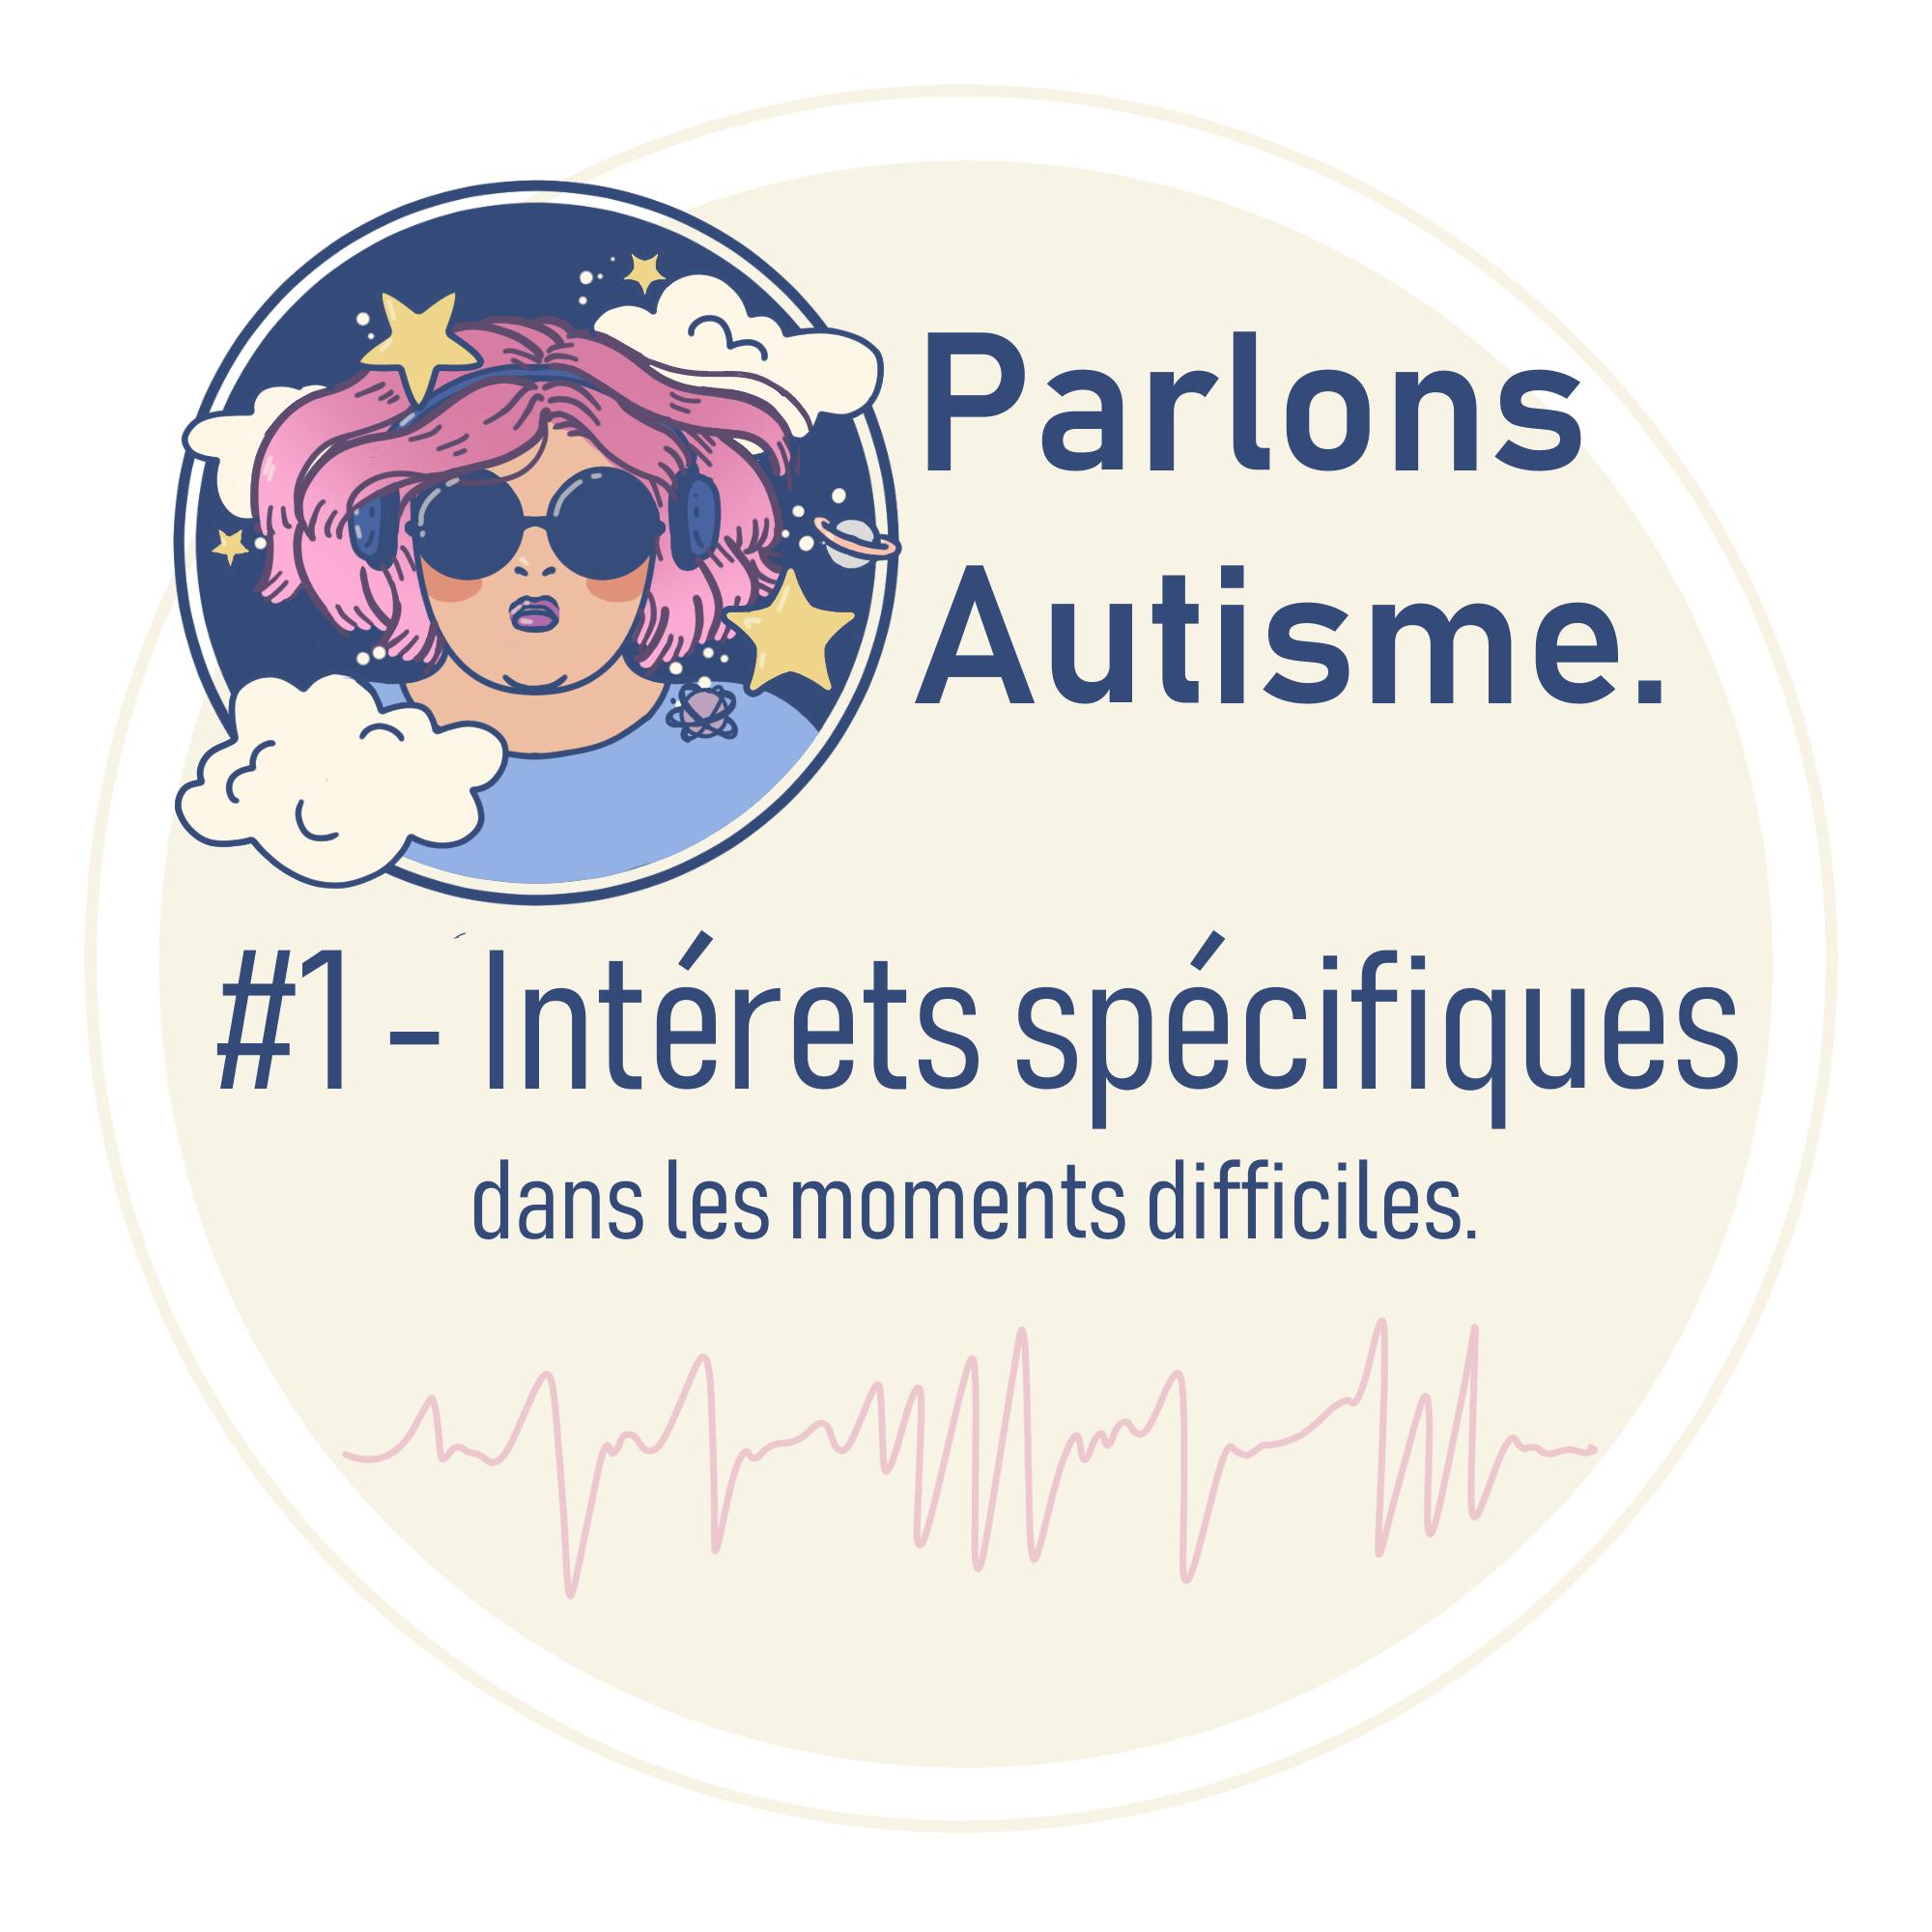 autisme et interets specifiques